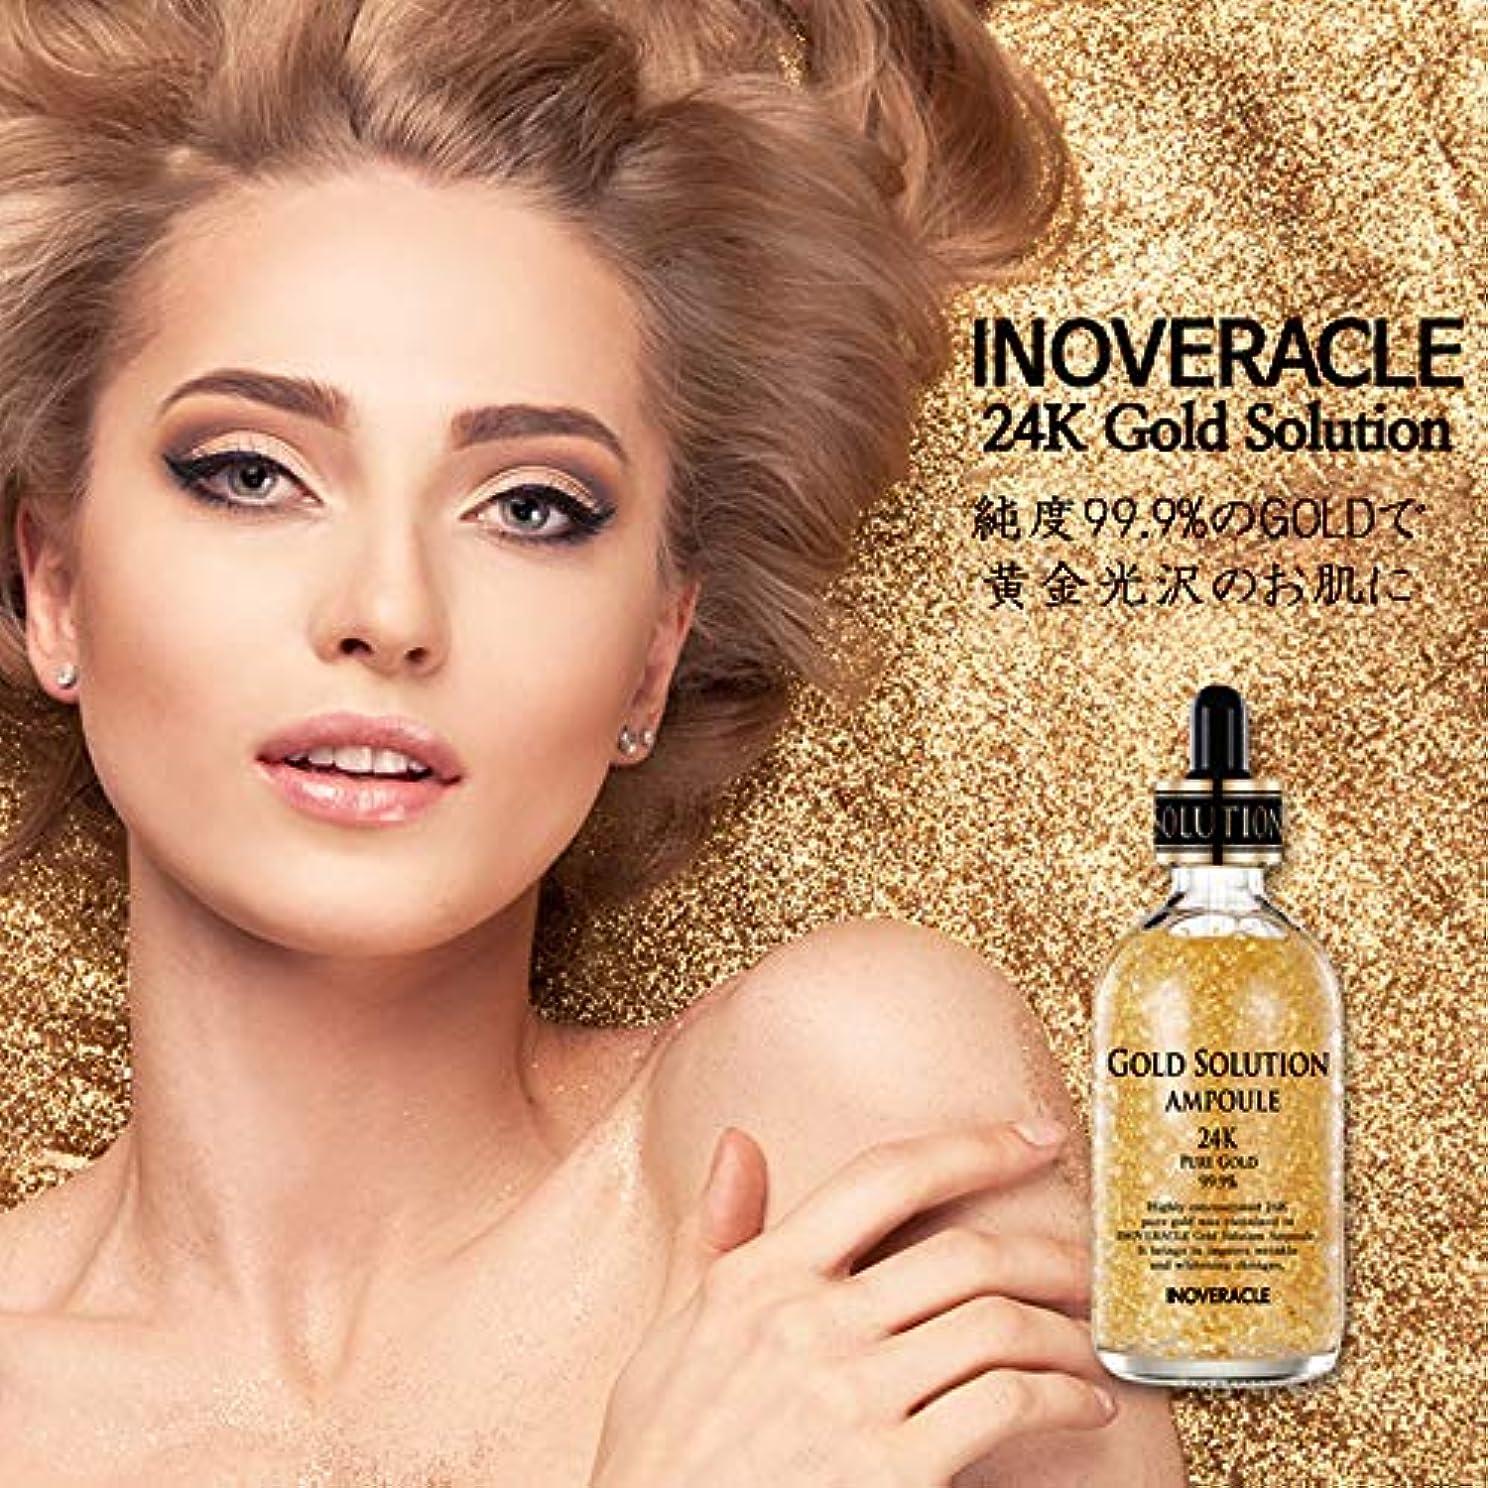 節約する休眠せっかちINOVERACLE GOLD SOLUTION AMPOULE 24K 99.9% 純金 アンプル 100ml 美容液 スキンケア 韓国化粧品 光沢お肌 美白美容液